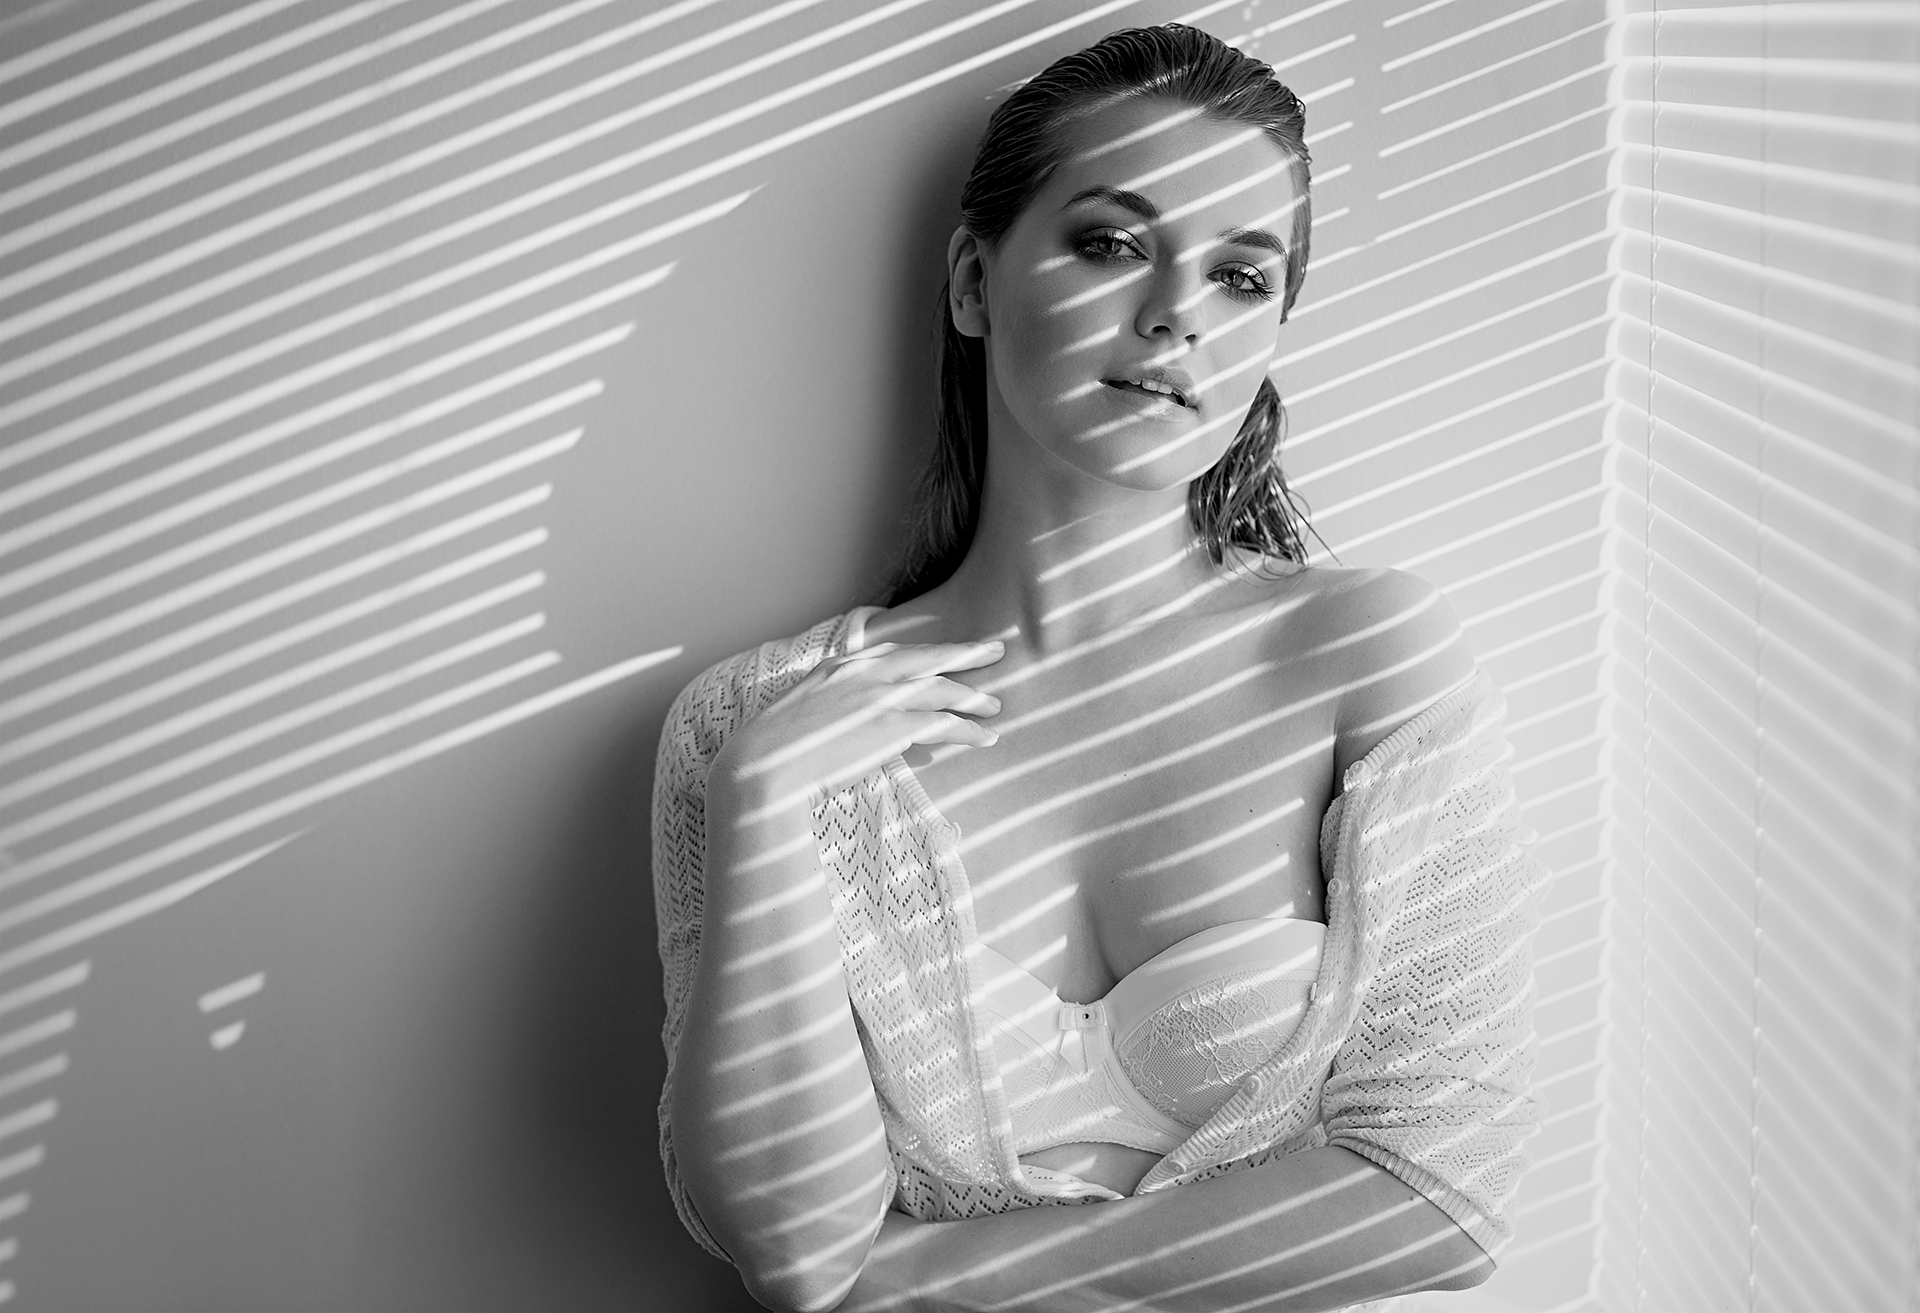 zdjęcia portretowe lublin prezent fotograf studio plener sesje zdjęciowe